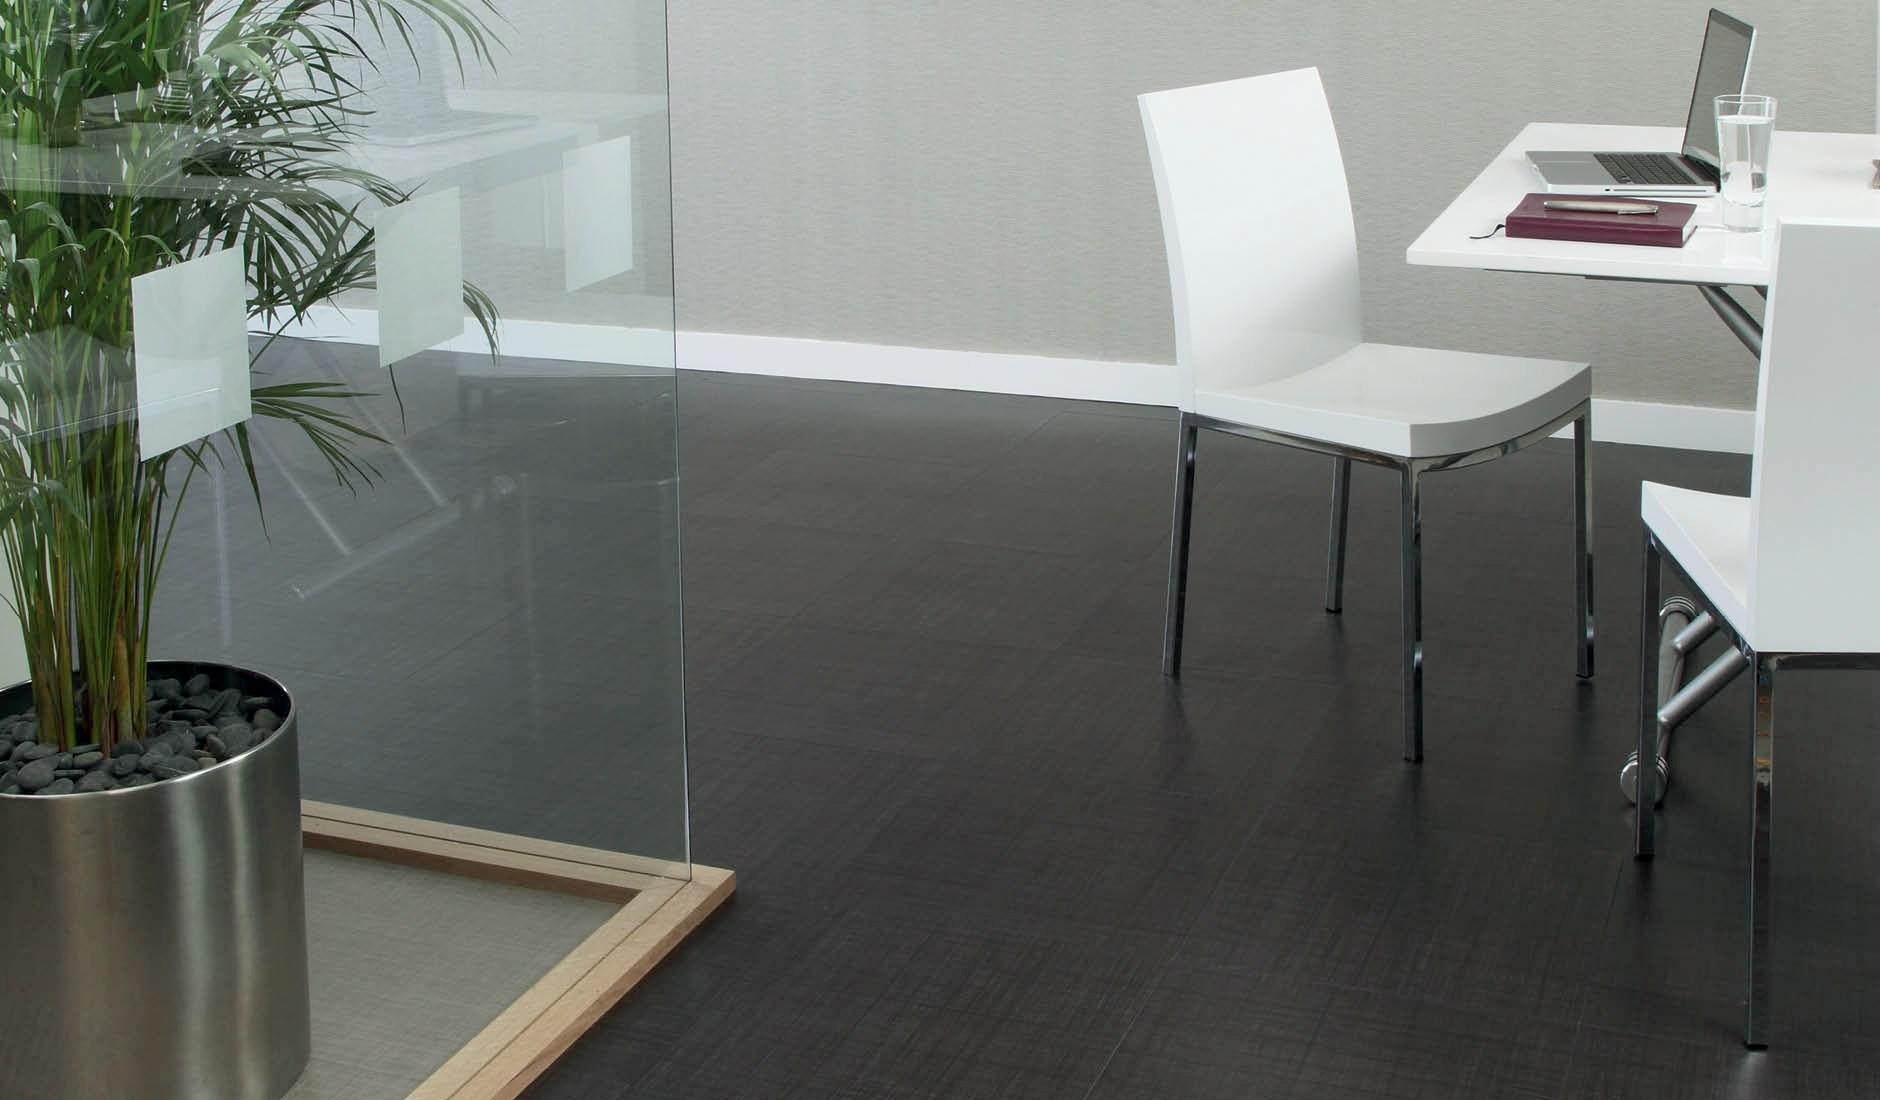 Office Flooring. Buy Office Vinyl Flooring In Dubai, Abu Dhabi \u0026 UAE